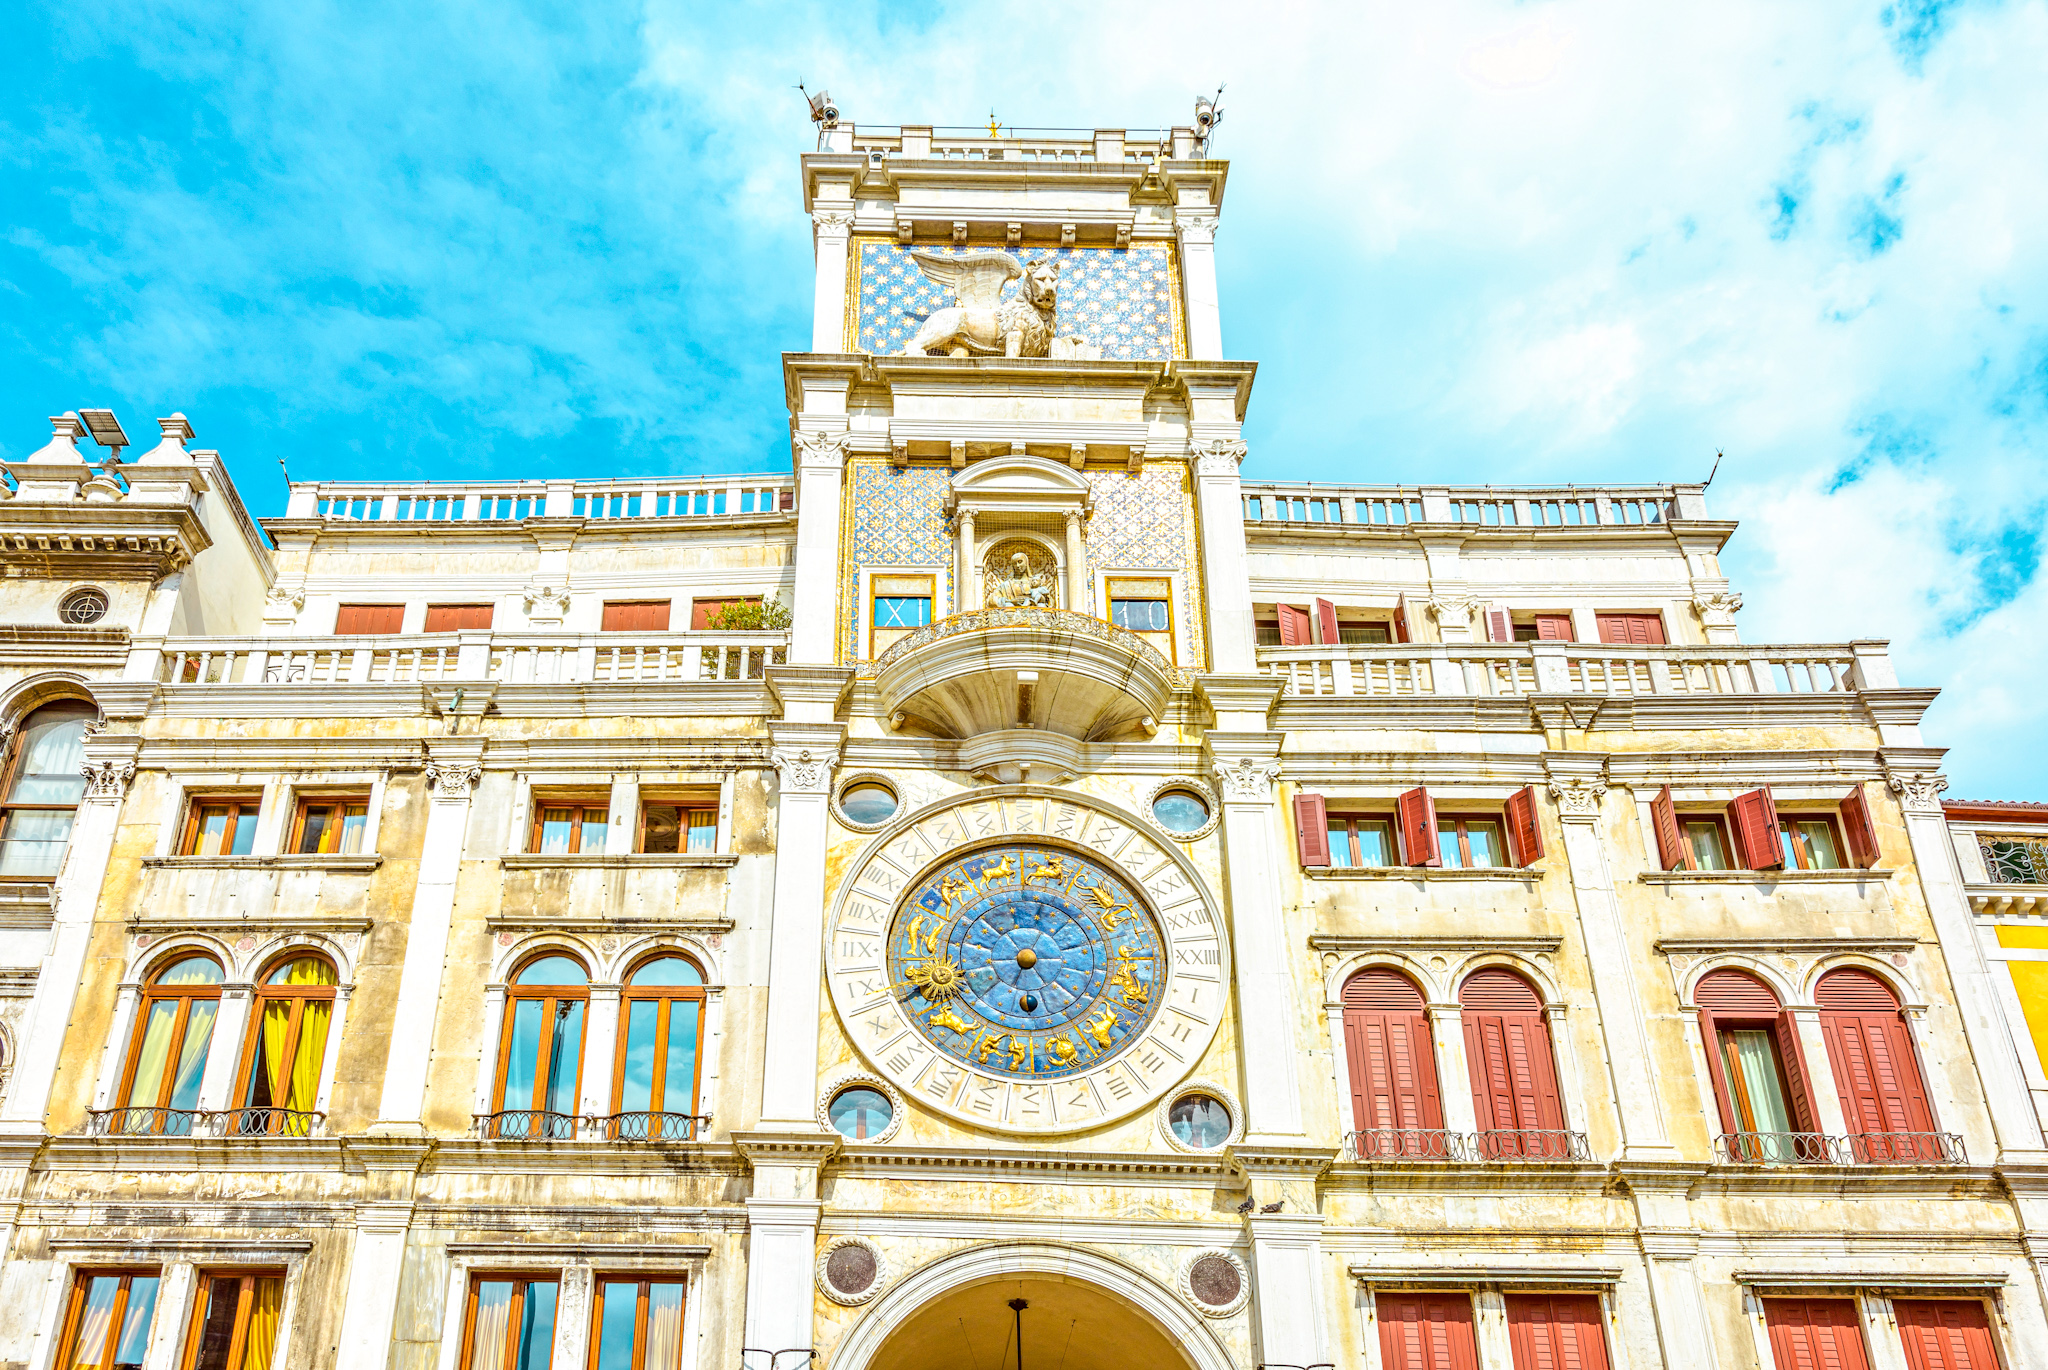 cosas que ver y hacer en Venecia: Torre dell orologio